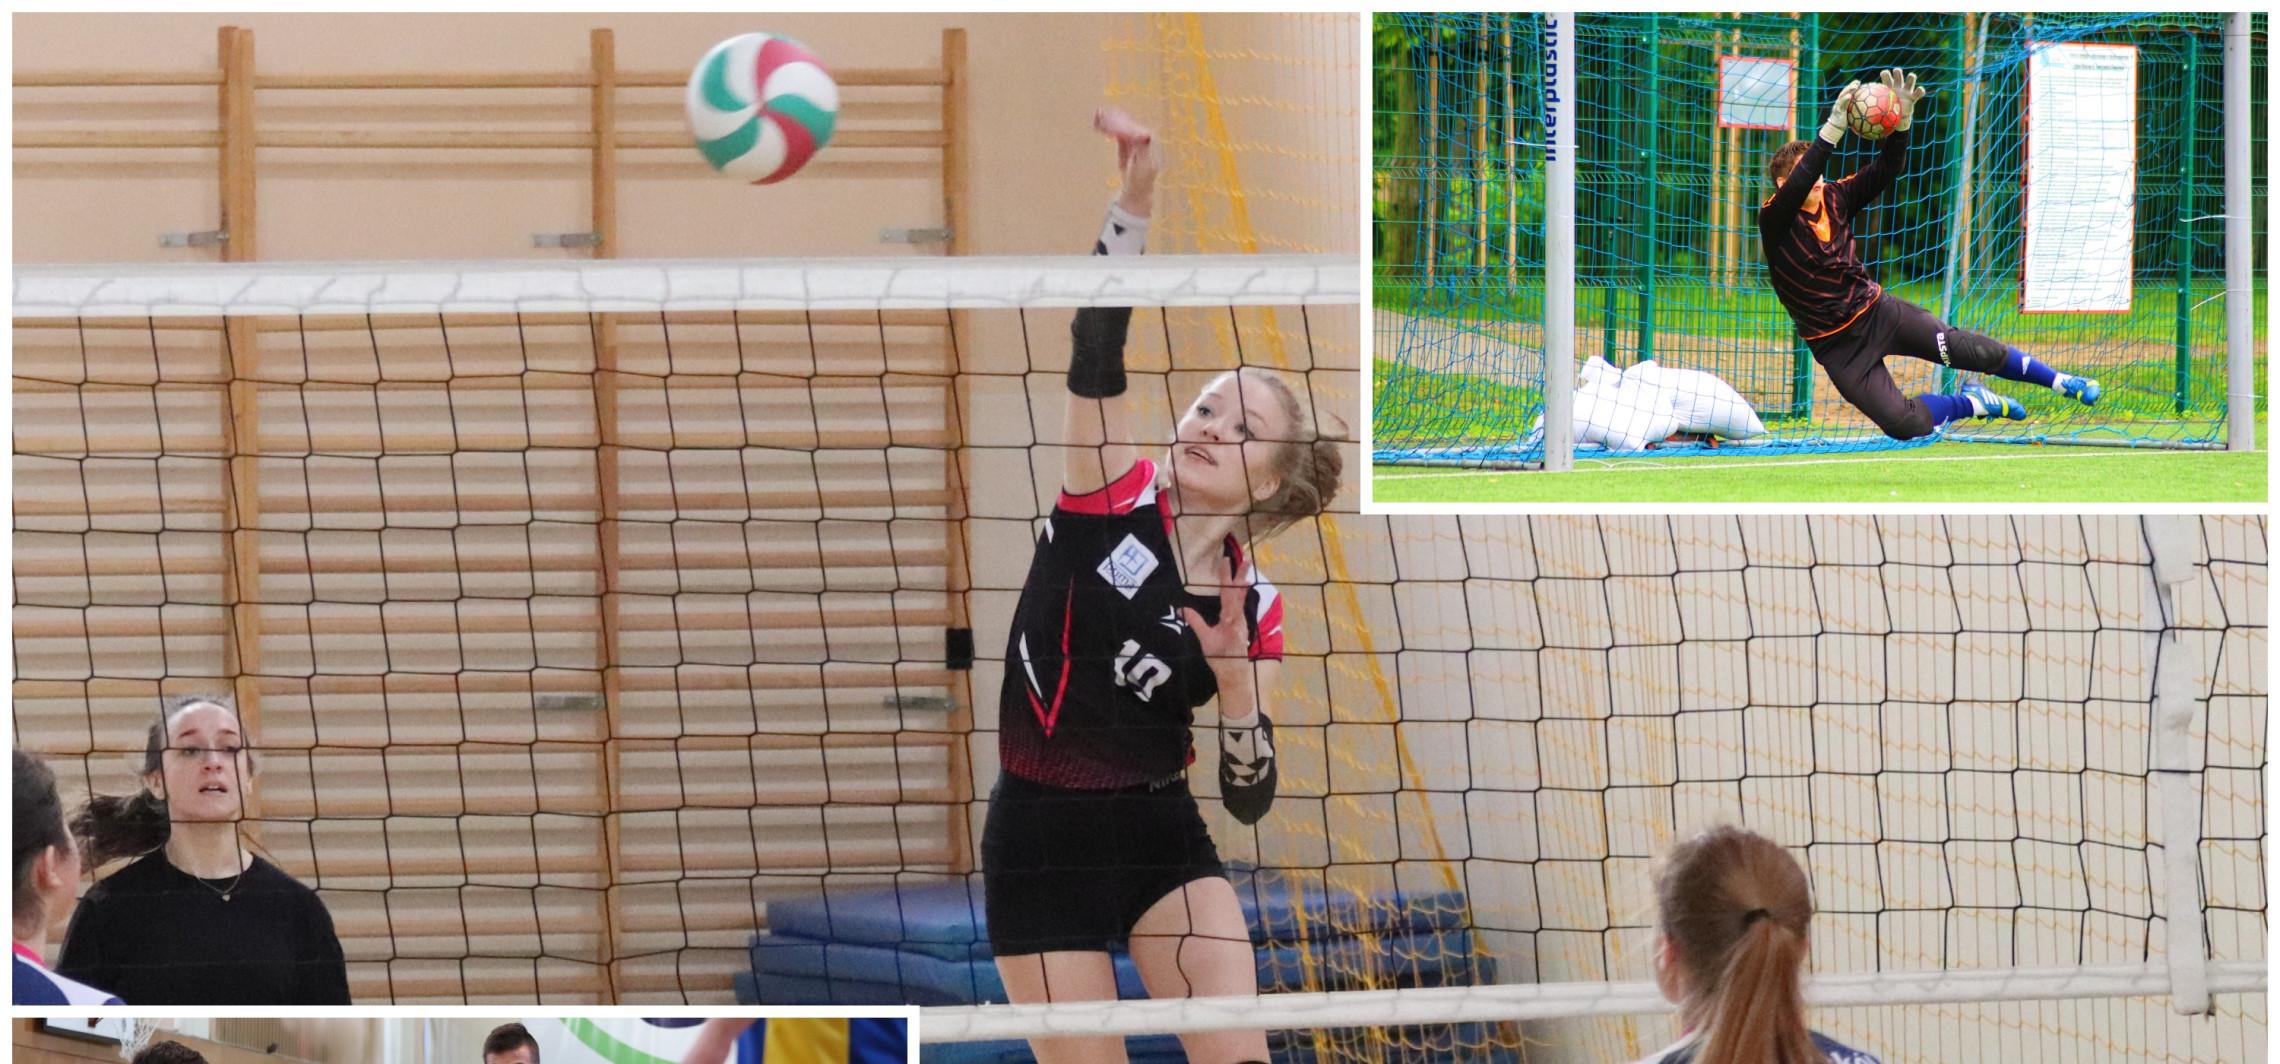 Inowrocław - Siatkówka, nożna, aerobik... SKS-y wracają do szkół